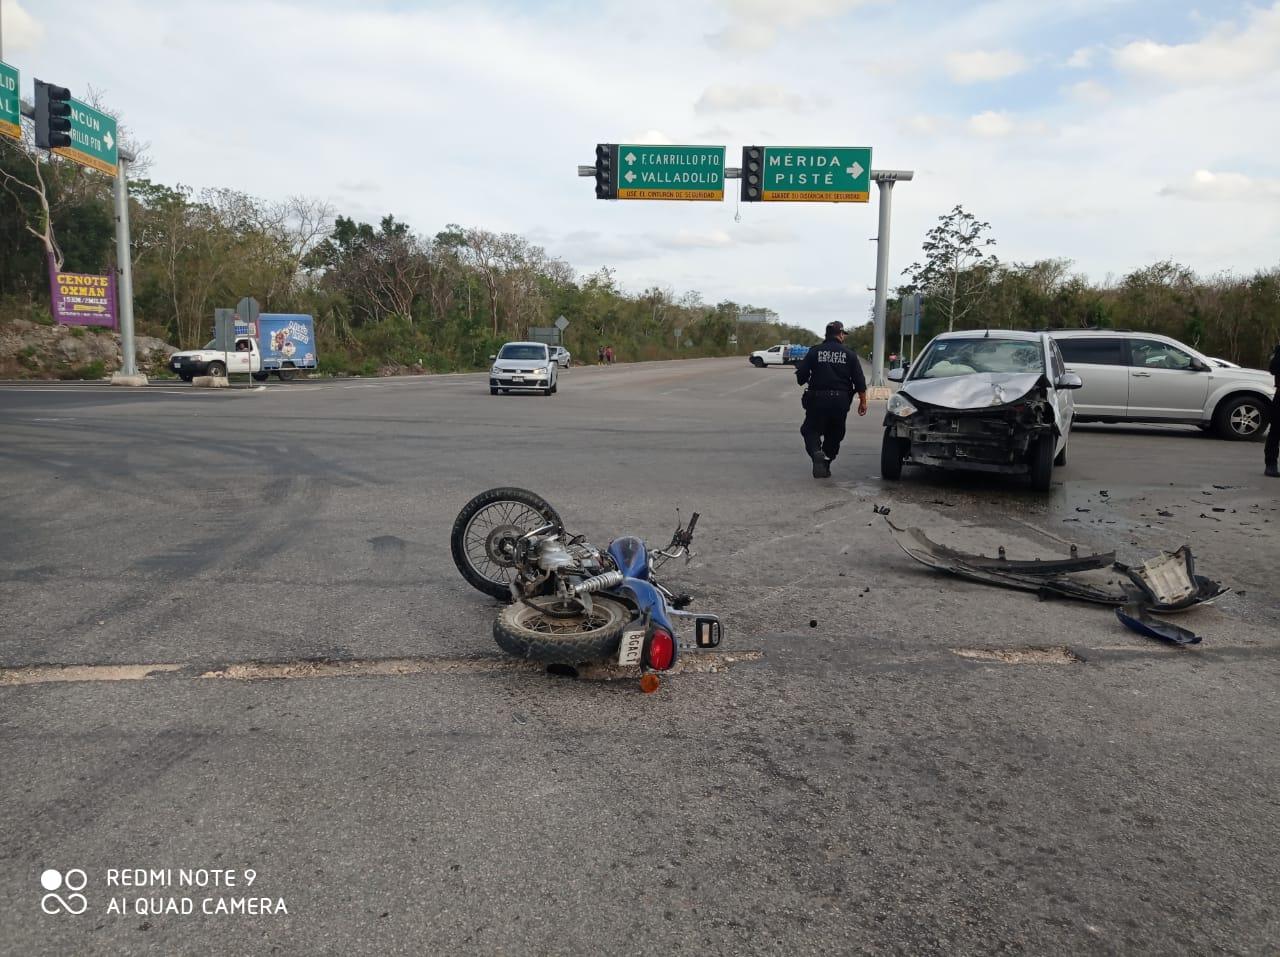 Por falta de precaución colisiona motociclista en periférico